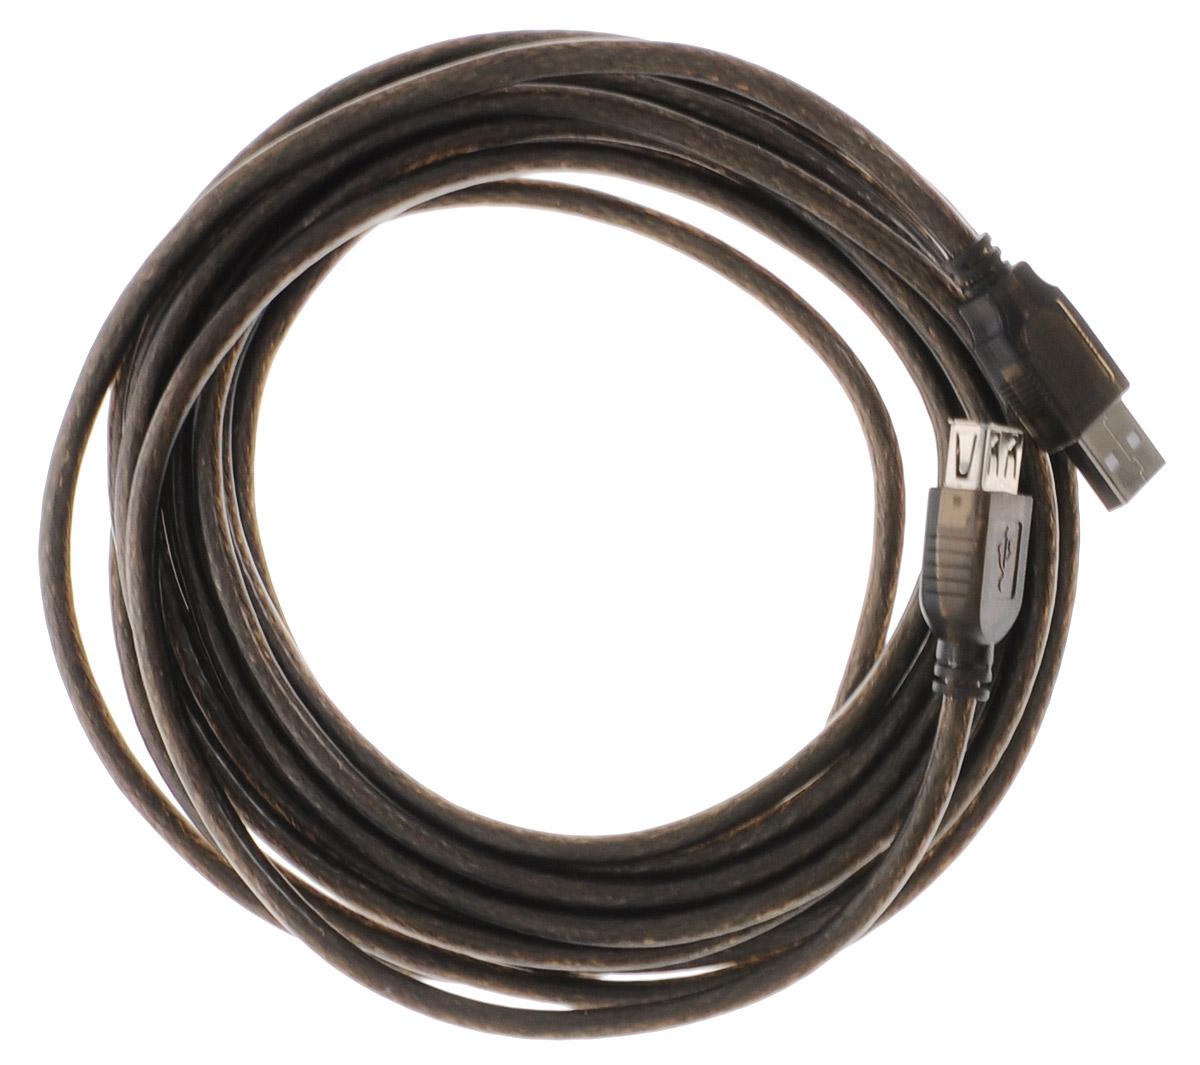 Greenconnect Premium GCR-UEC3M-BD2S, Black кабель - удлинитель USB 5 мGCR-UEC3M-BD2S-5.0mКабель удлинитель USB 2.0 Greenconnect GCR-UEC3M-BD2S позволит увеличить расстояние до подключаемого устройства. Может быть использован с различными USB девайсами.Пропускная способность интерфейса: 480 Мбит/сТип оболочки: PVC (ПВХ)Экранирование